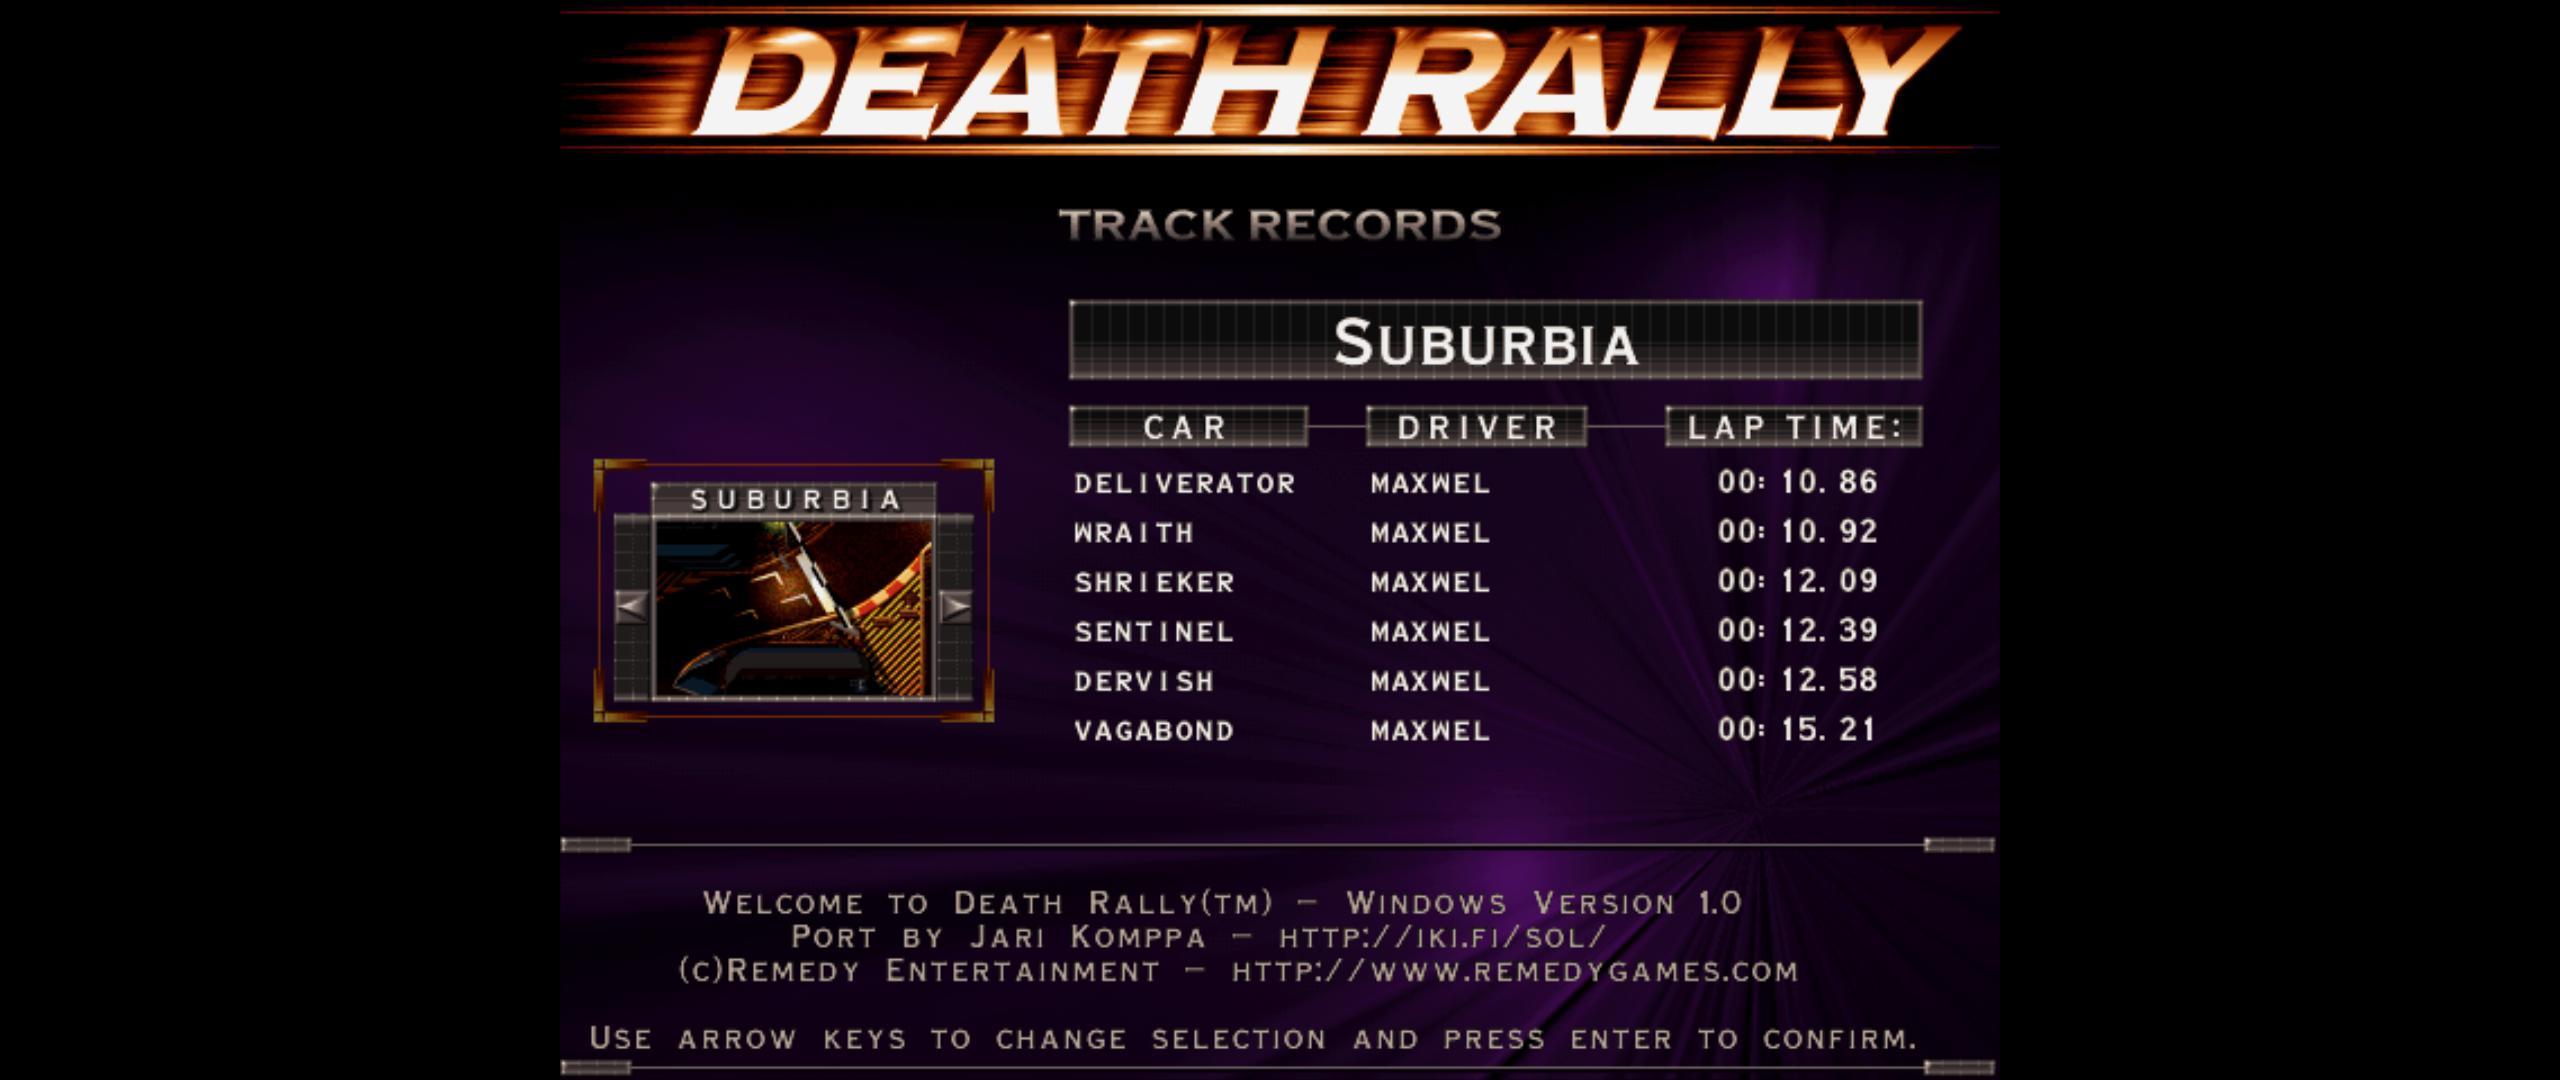 Maxwel: Death Rally [Suburbia, Shrieker Car] (PC) 0:00:12.09 points on 2016-03-01 14:41:24